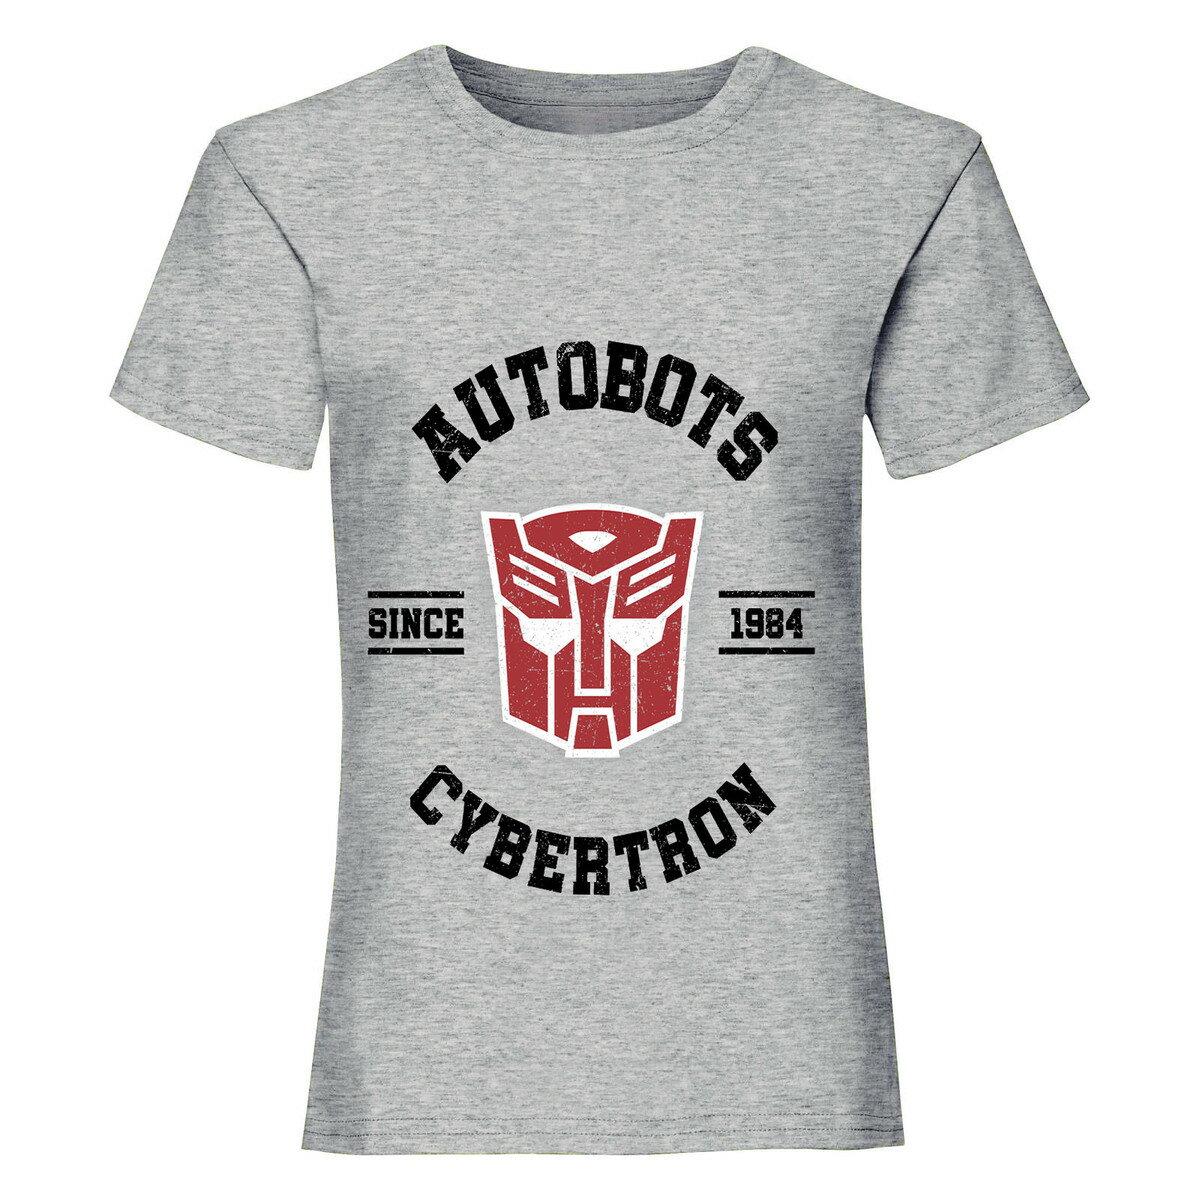 トップス, Tシャツ・カットソー () Transformers Autobots Cybertron T